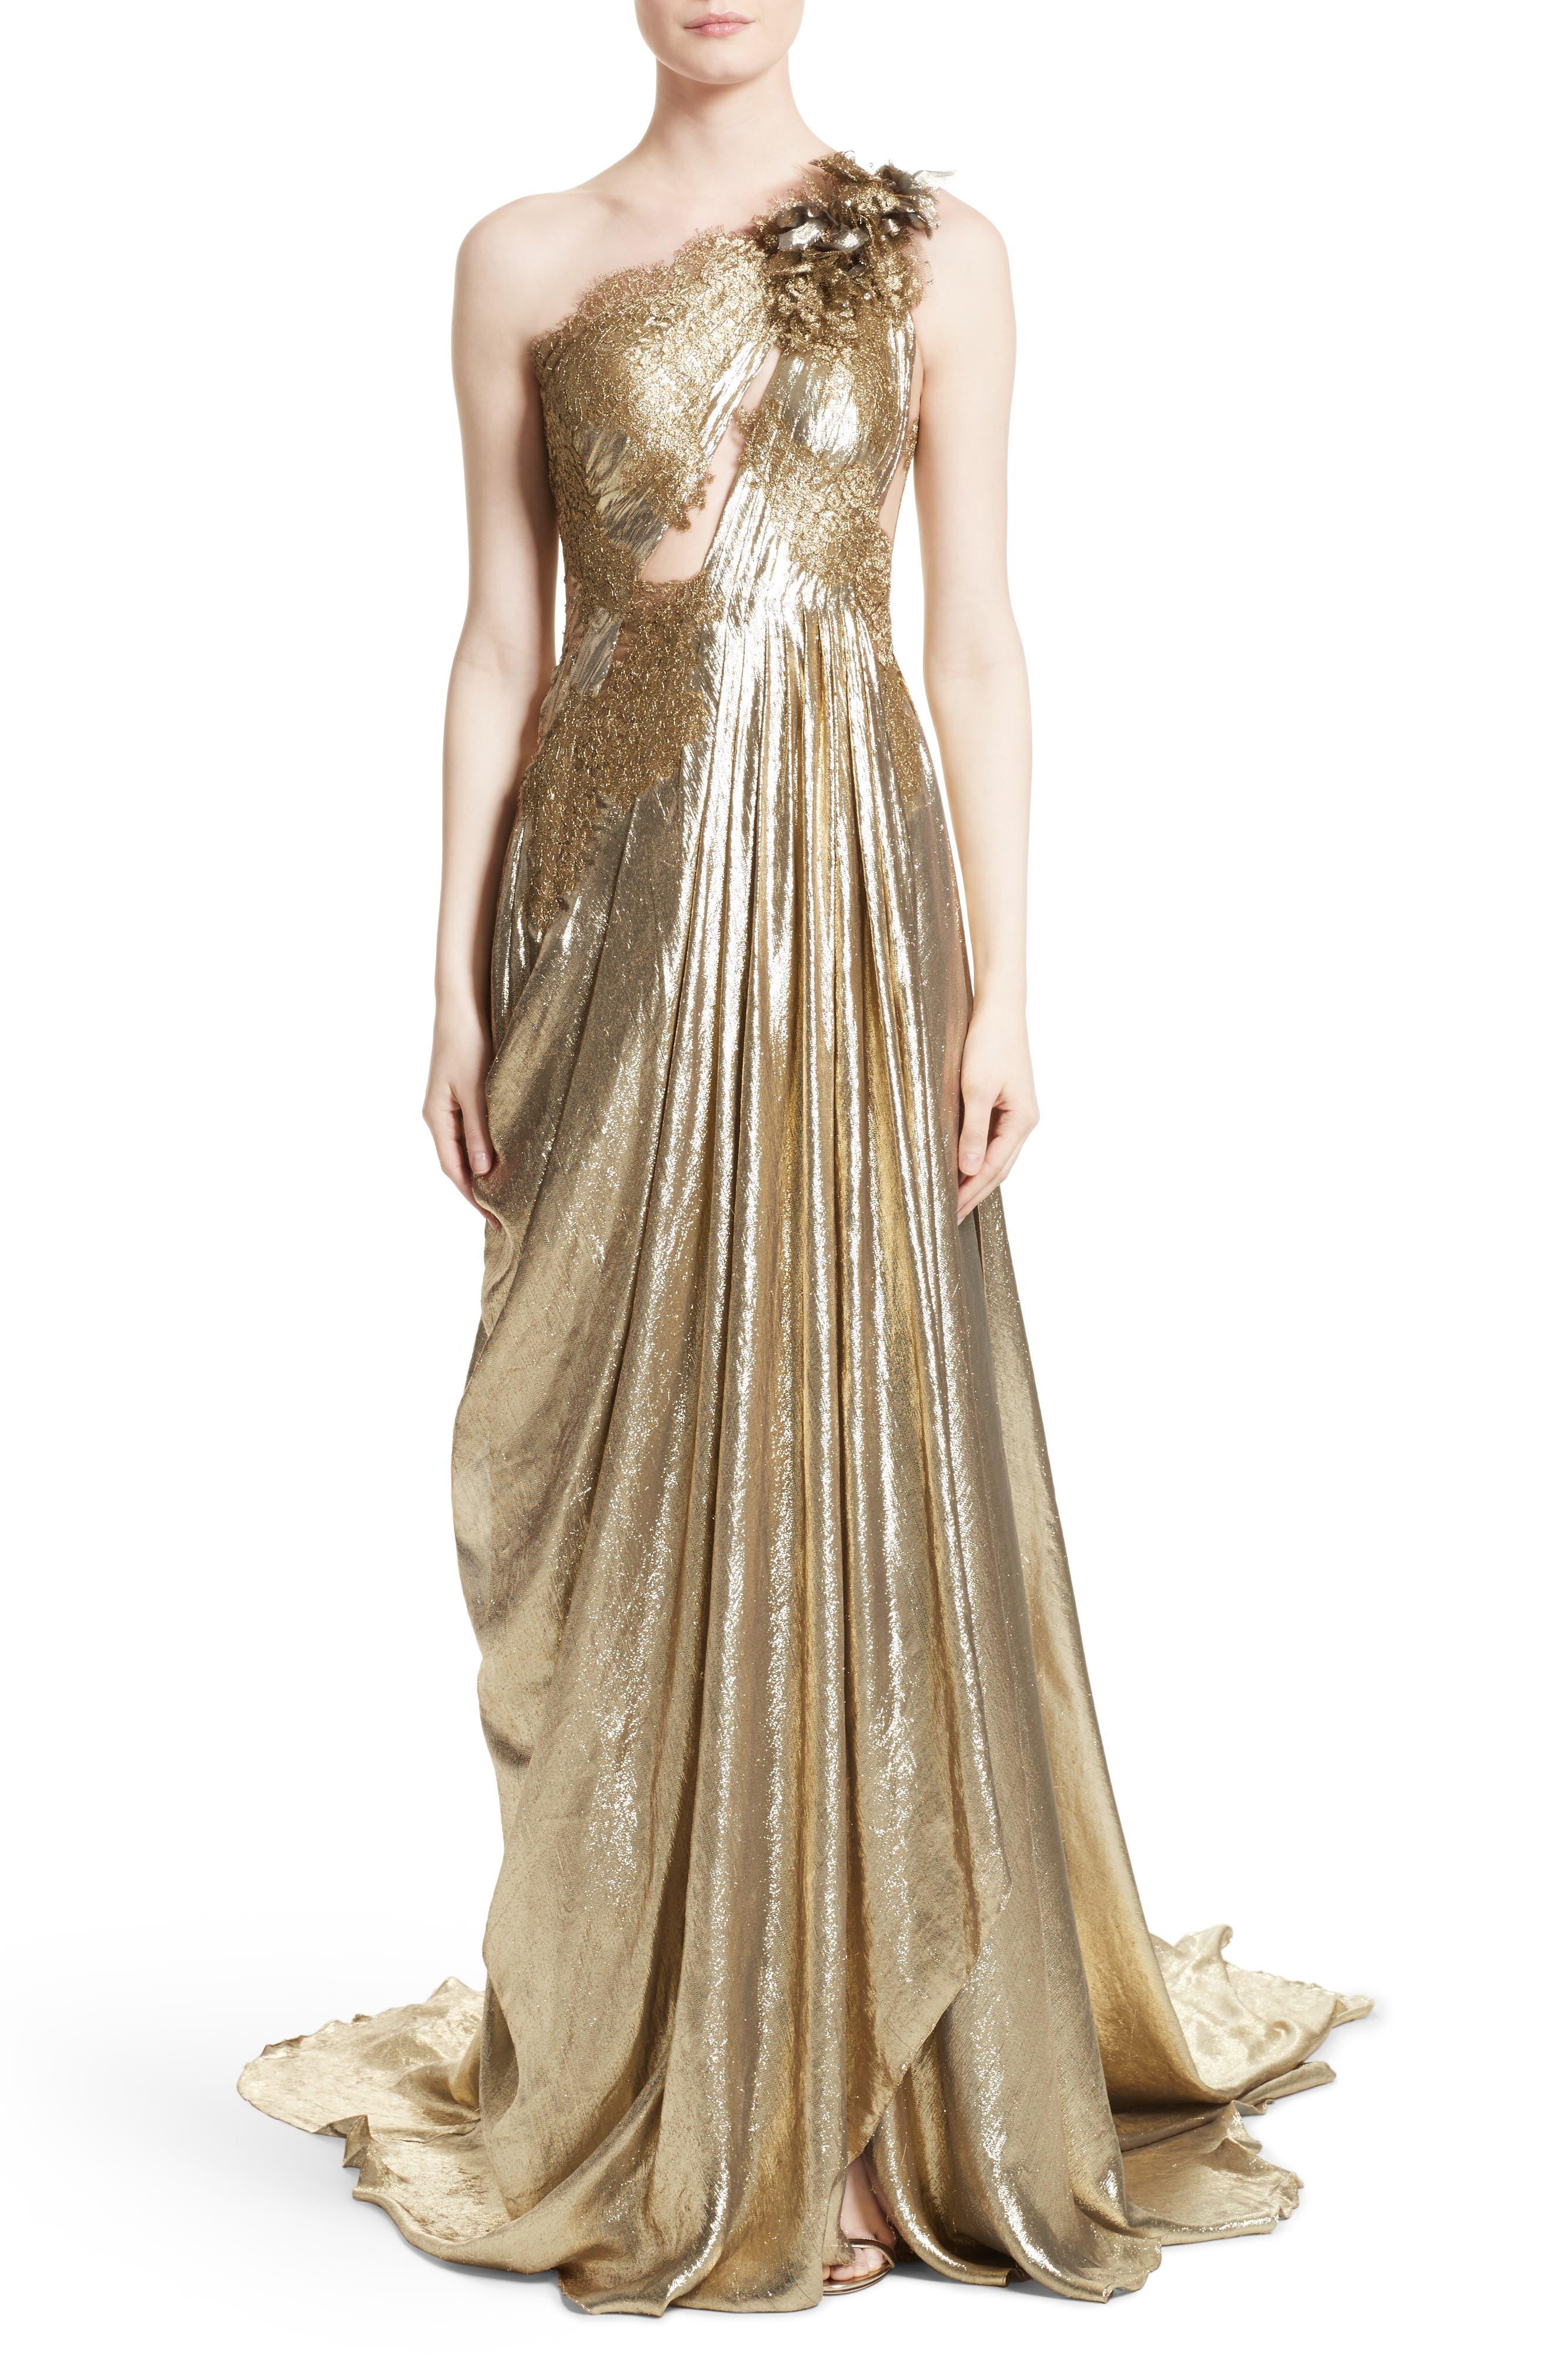 Main Image - Marchesa Metallic Lace & Lamé One-Shoulder Gown